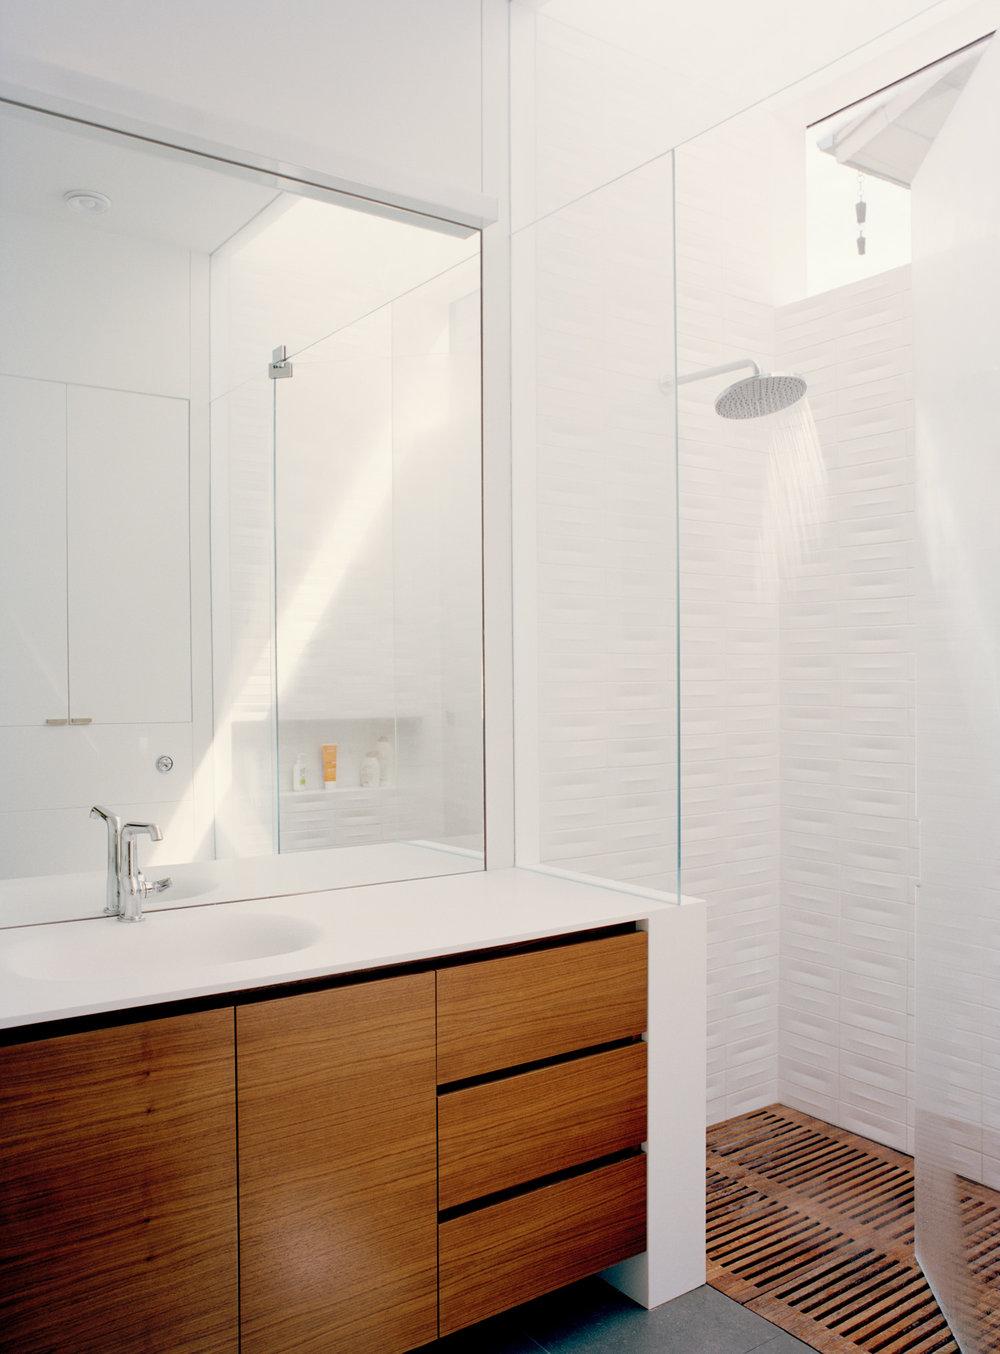 dwell jpg dwell  dwell jpg: dwell bathroom cabinet